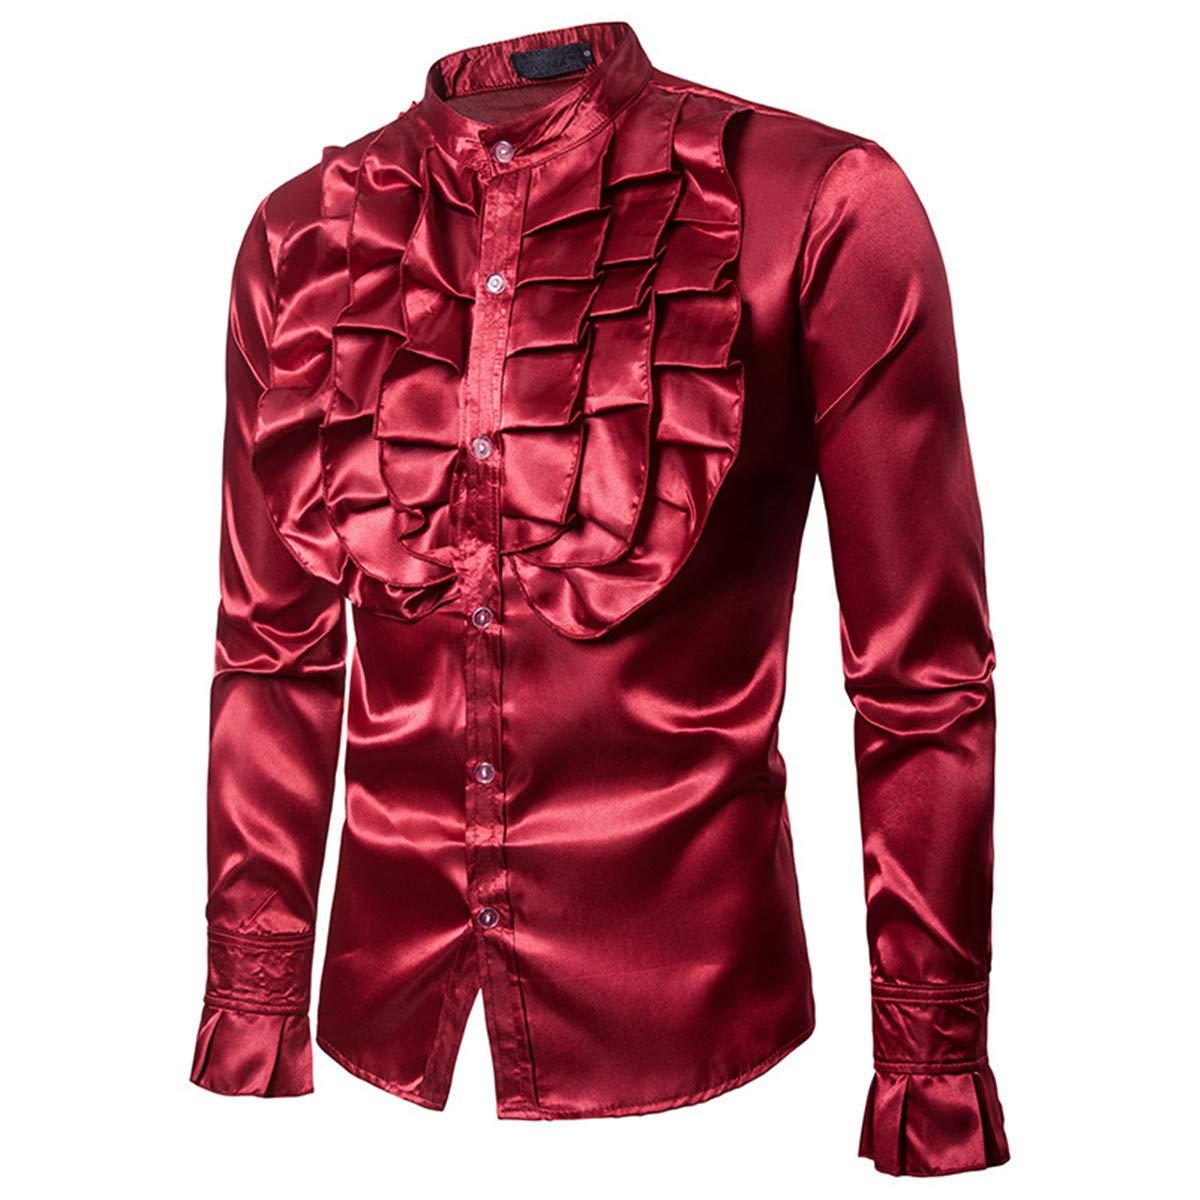 MPY- Mens Sweaters Camisa de Manga Larga para Hombre/Camisa de Manga Larga con Cuello Alto para Hombre, Color Rojo Vino, XL: Amazon.es: Deportes y aire libre